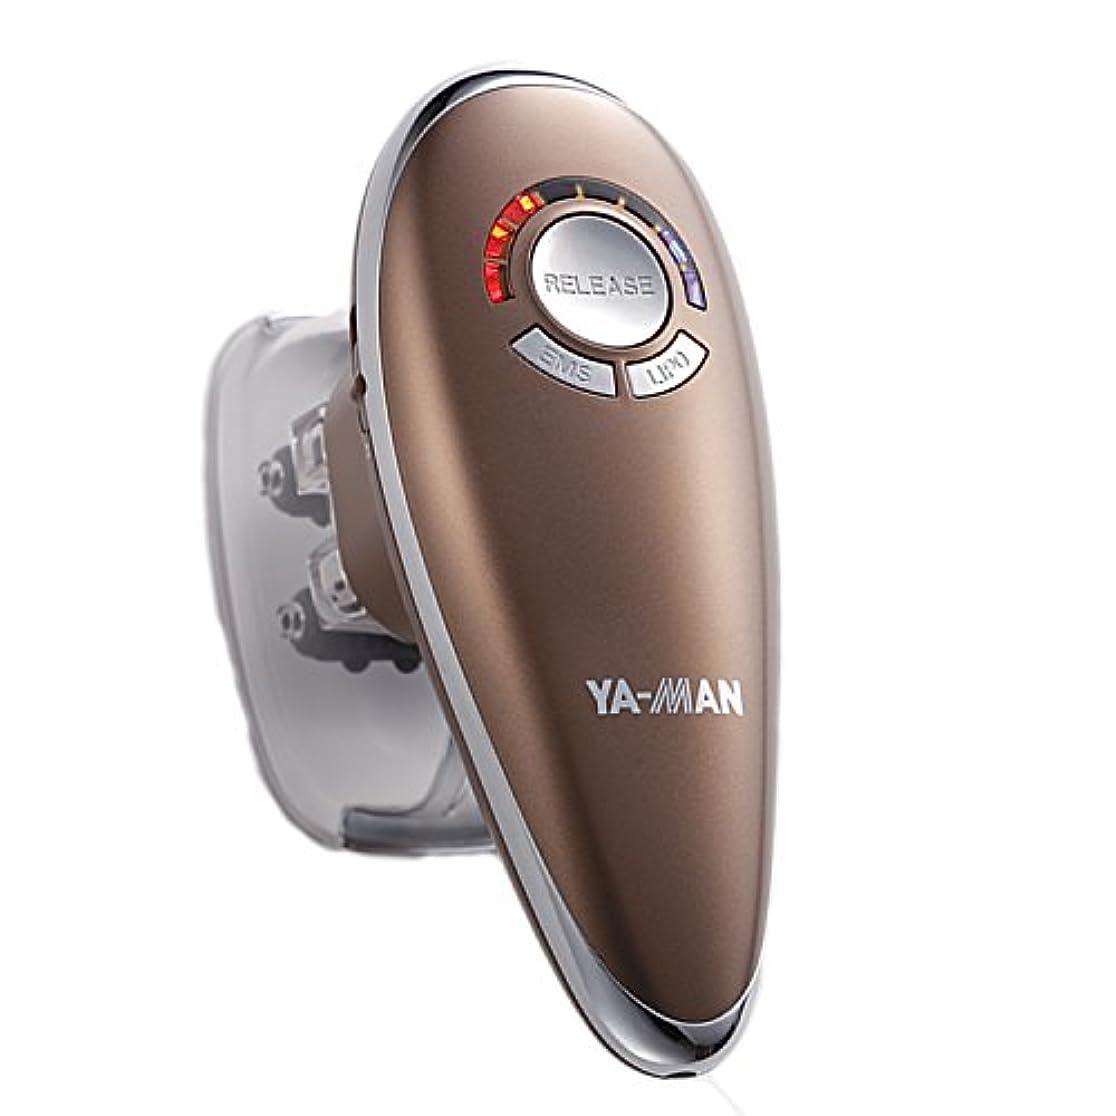 サイトライン効率的に波紋YA-MAN(ヤーマン) ダイエット アセチノリポボディスリムEX ブロンズ セルライト マッサージ ボディ バスト IB30T